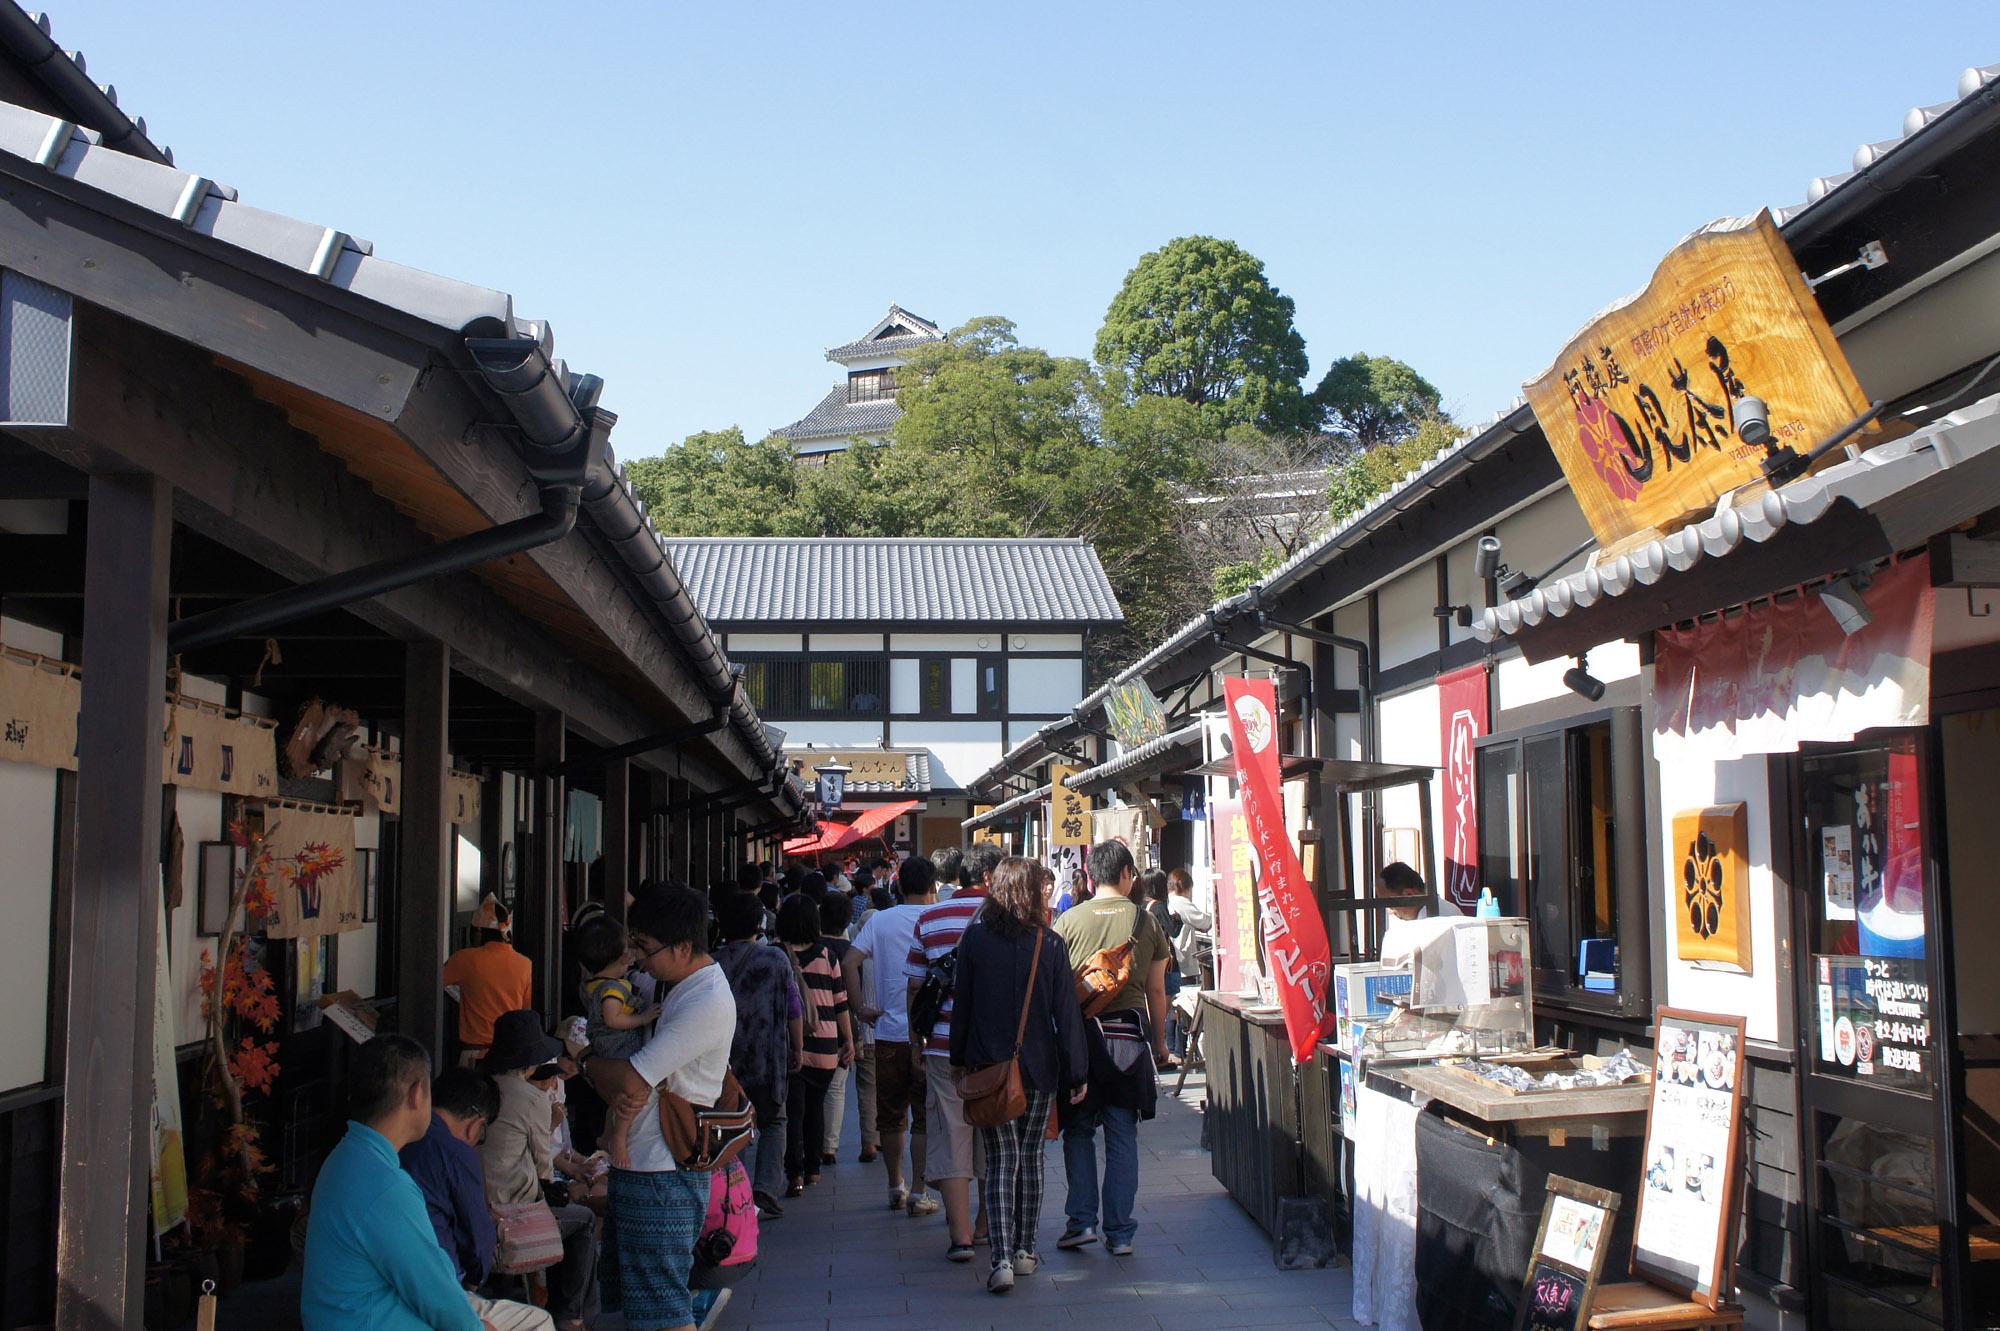 ●【博多発着】日帰りバス旅 熊本はよかとこ!熊本の大自然で育ったあか牛の溶岩焼きと熊本の魅力をたっぷりお届け!